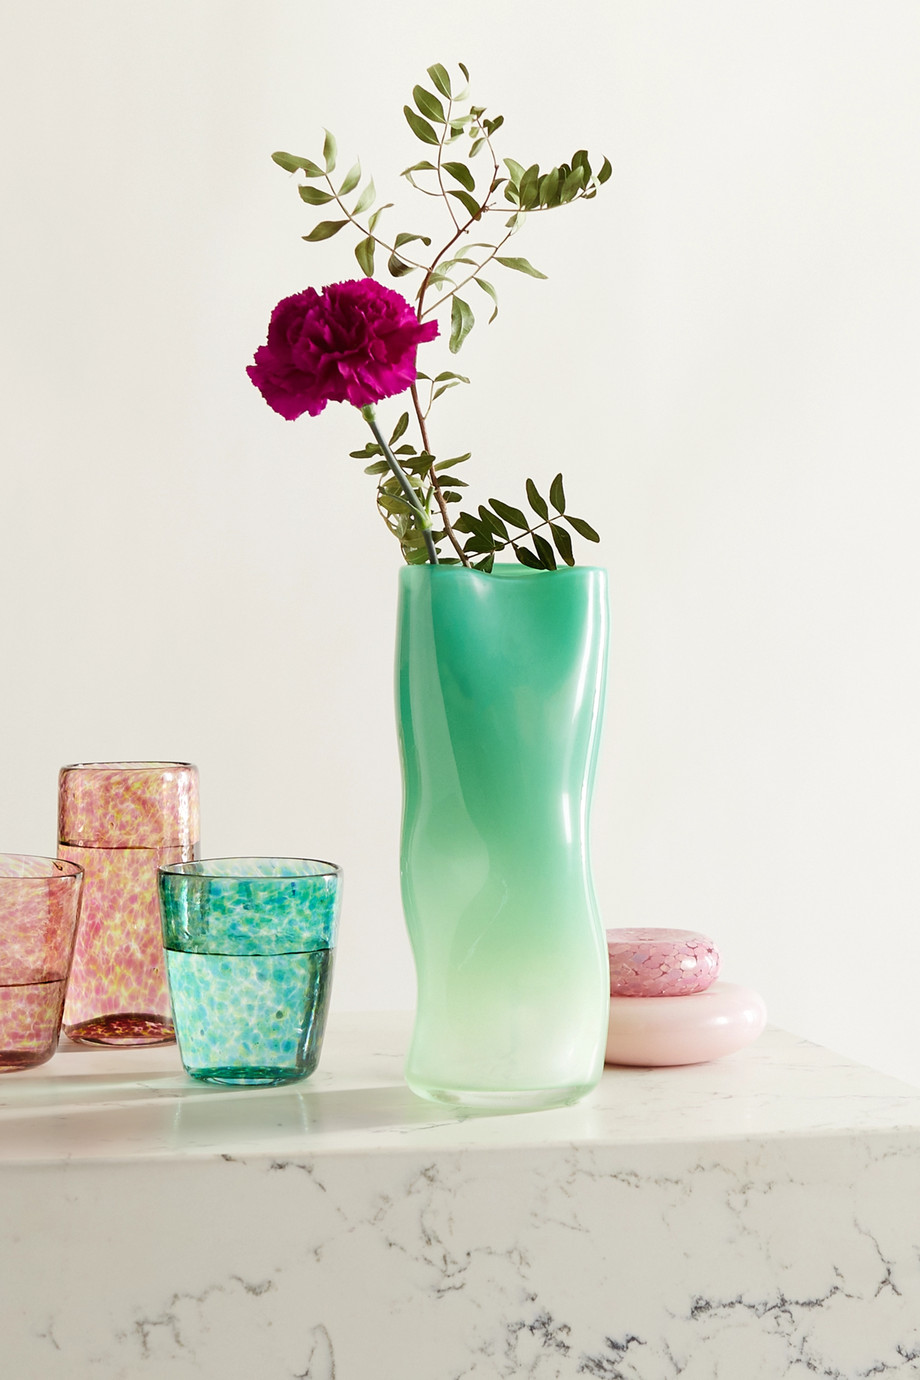 Vanderohe Curio Kleine Vase aus Glas mit Farbverlauf